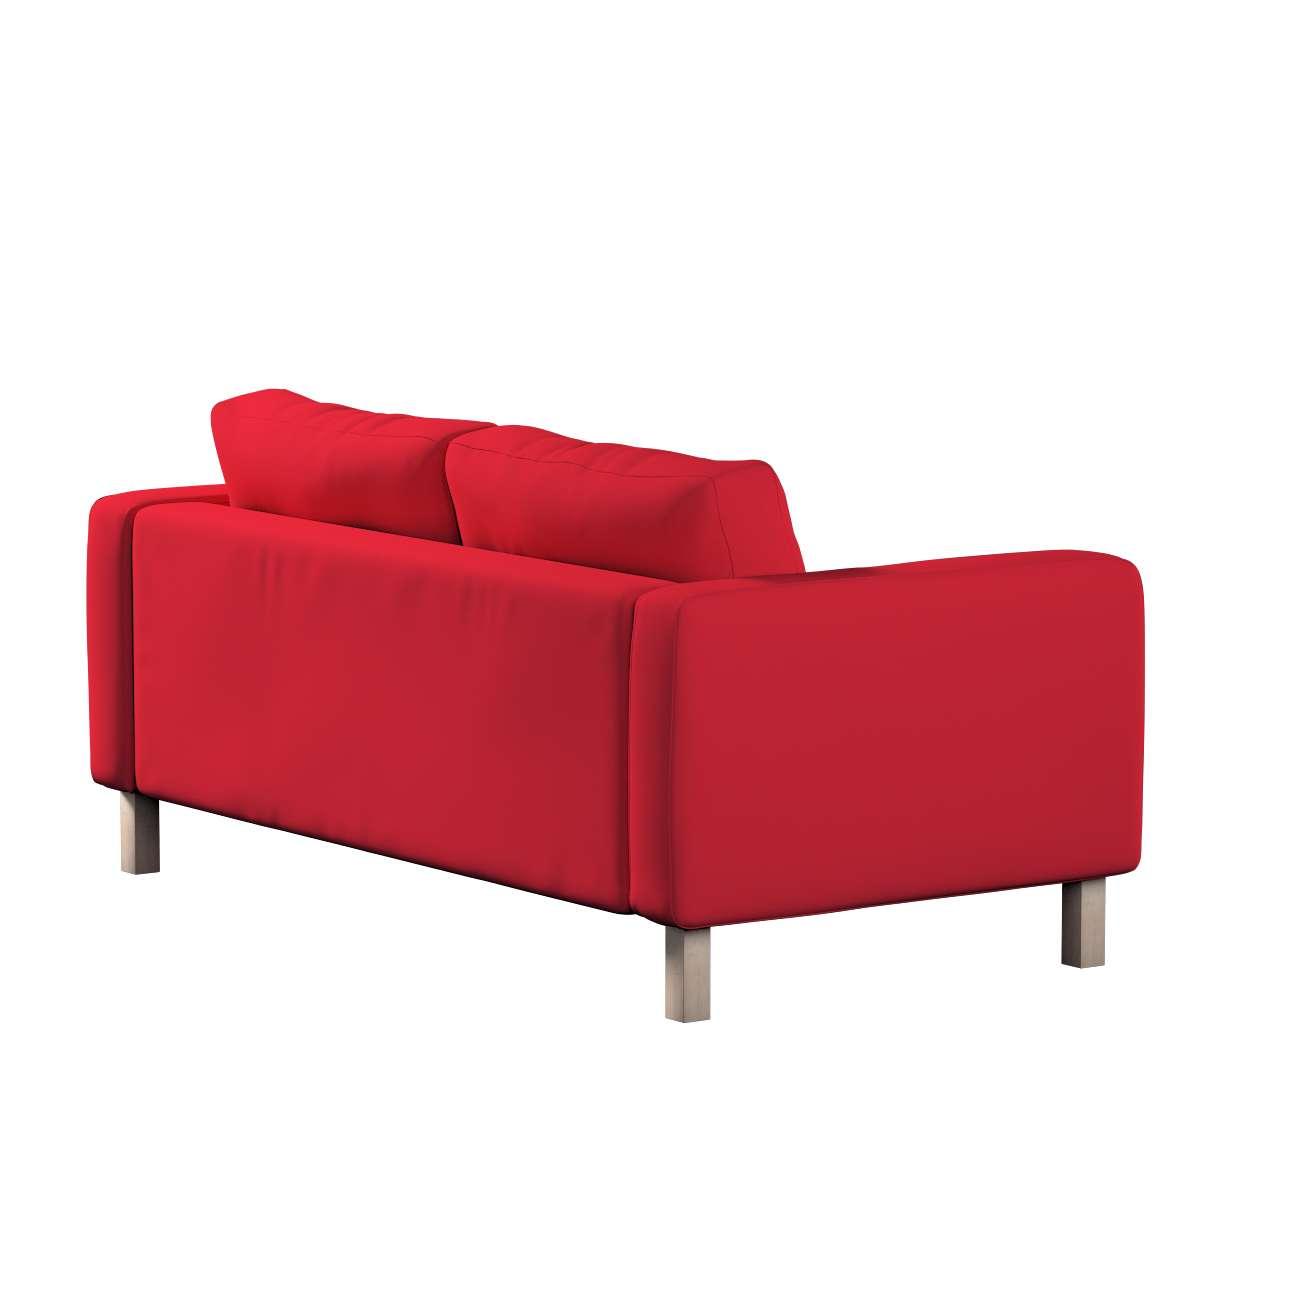 Pokrowiec na sofę Karlstad 2-osobową nierozkładaną krótki w kolekcji Cotton Panama, tkanina: 702-04